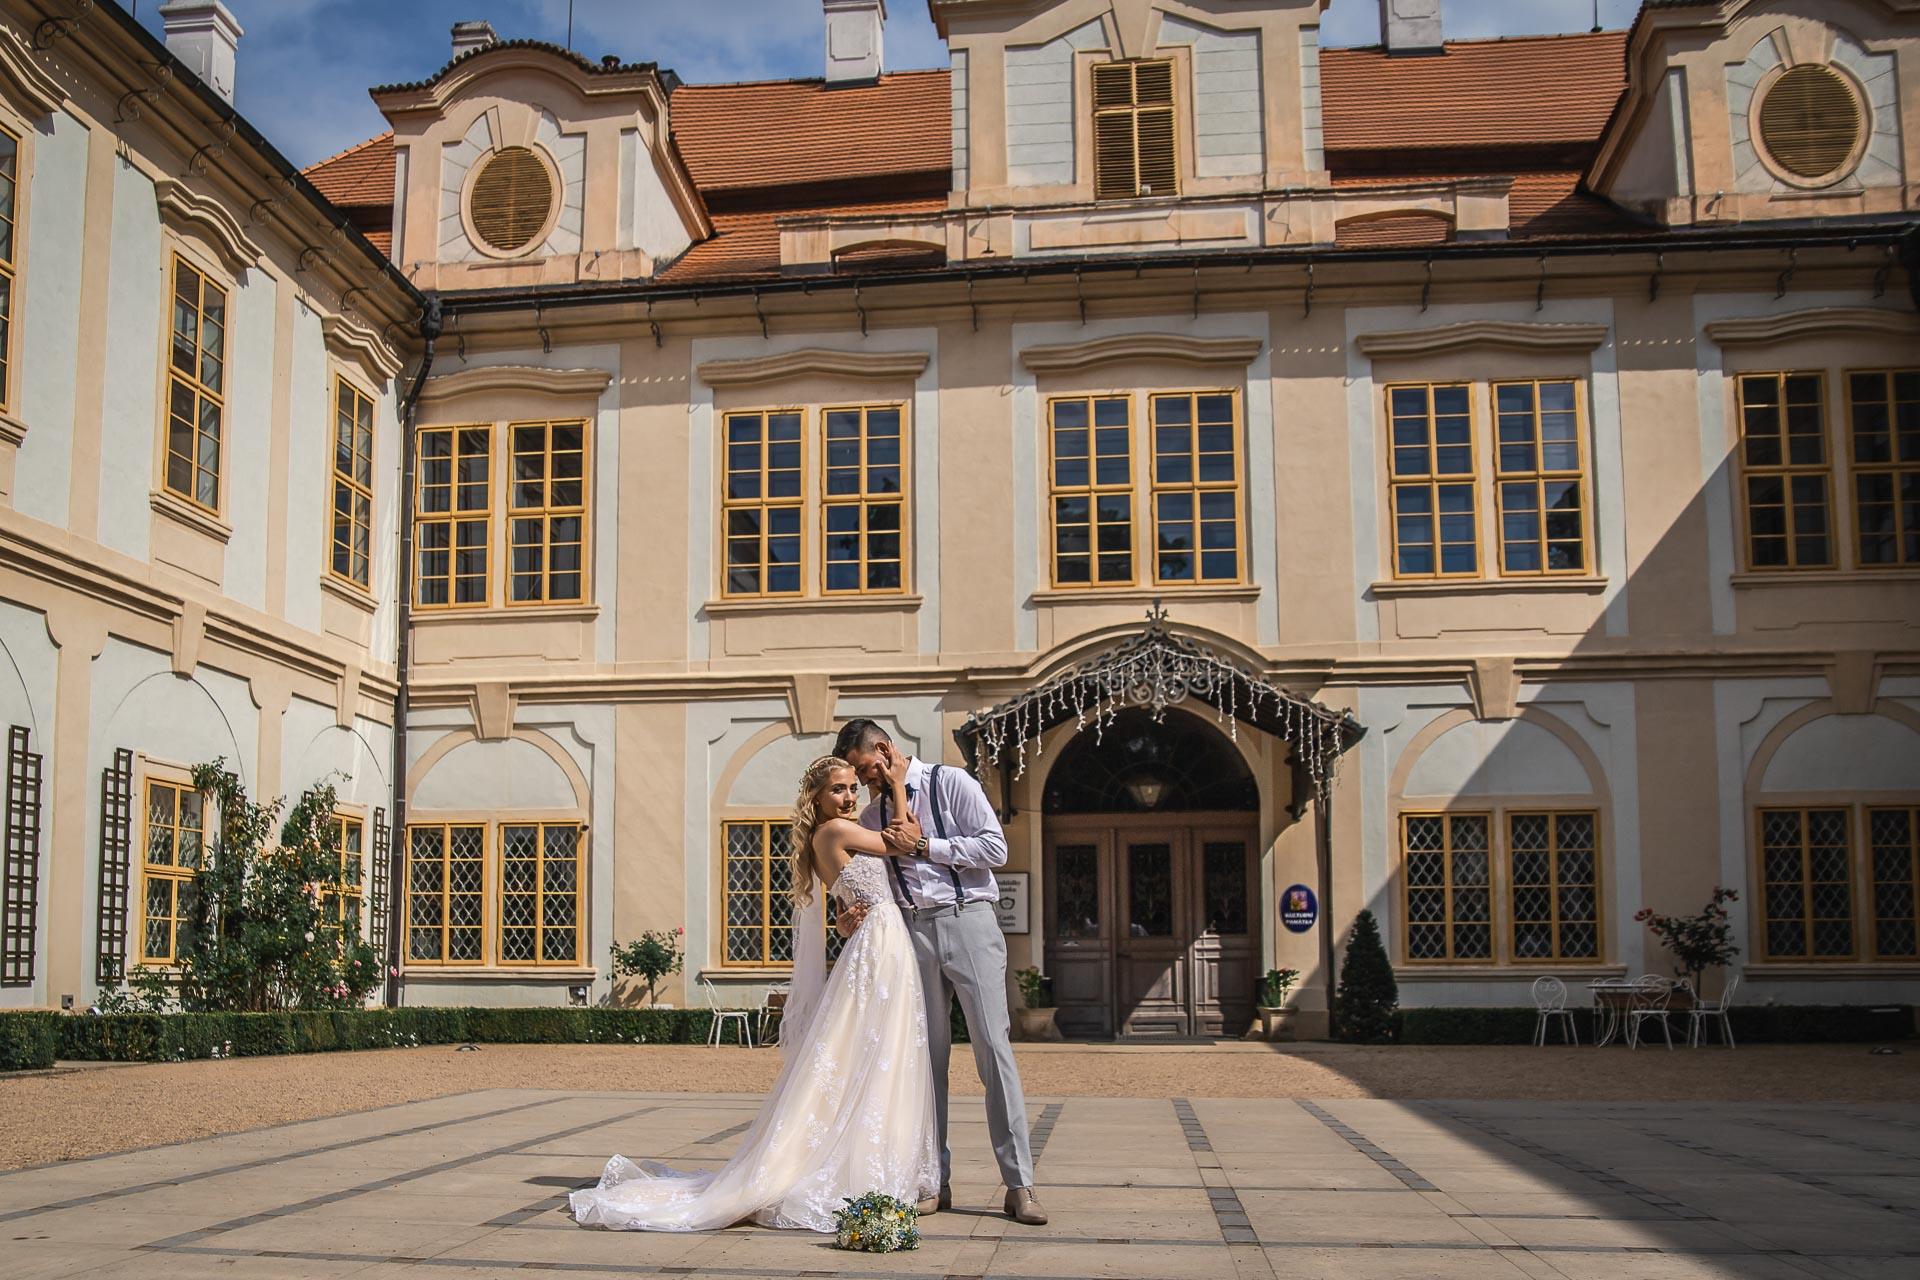 svatební-fotograf-zámek-Loučeň-svatební-video-zámek-Loučeň-4239